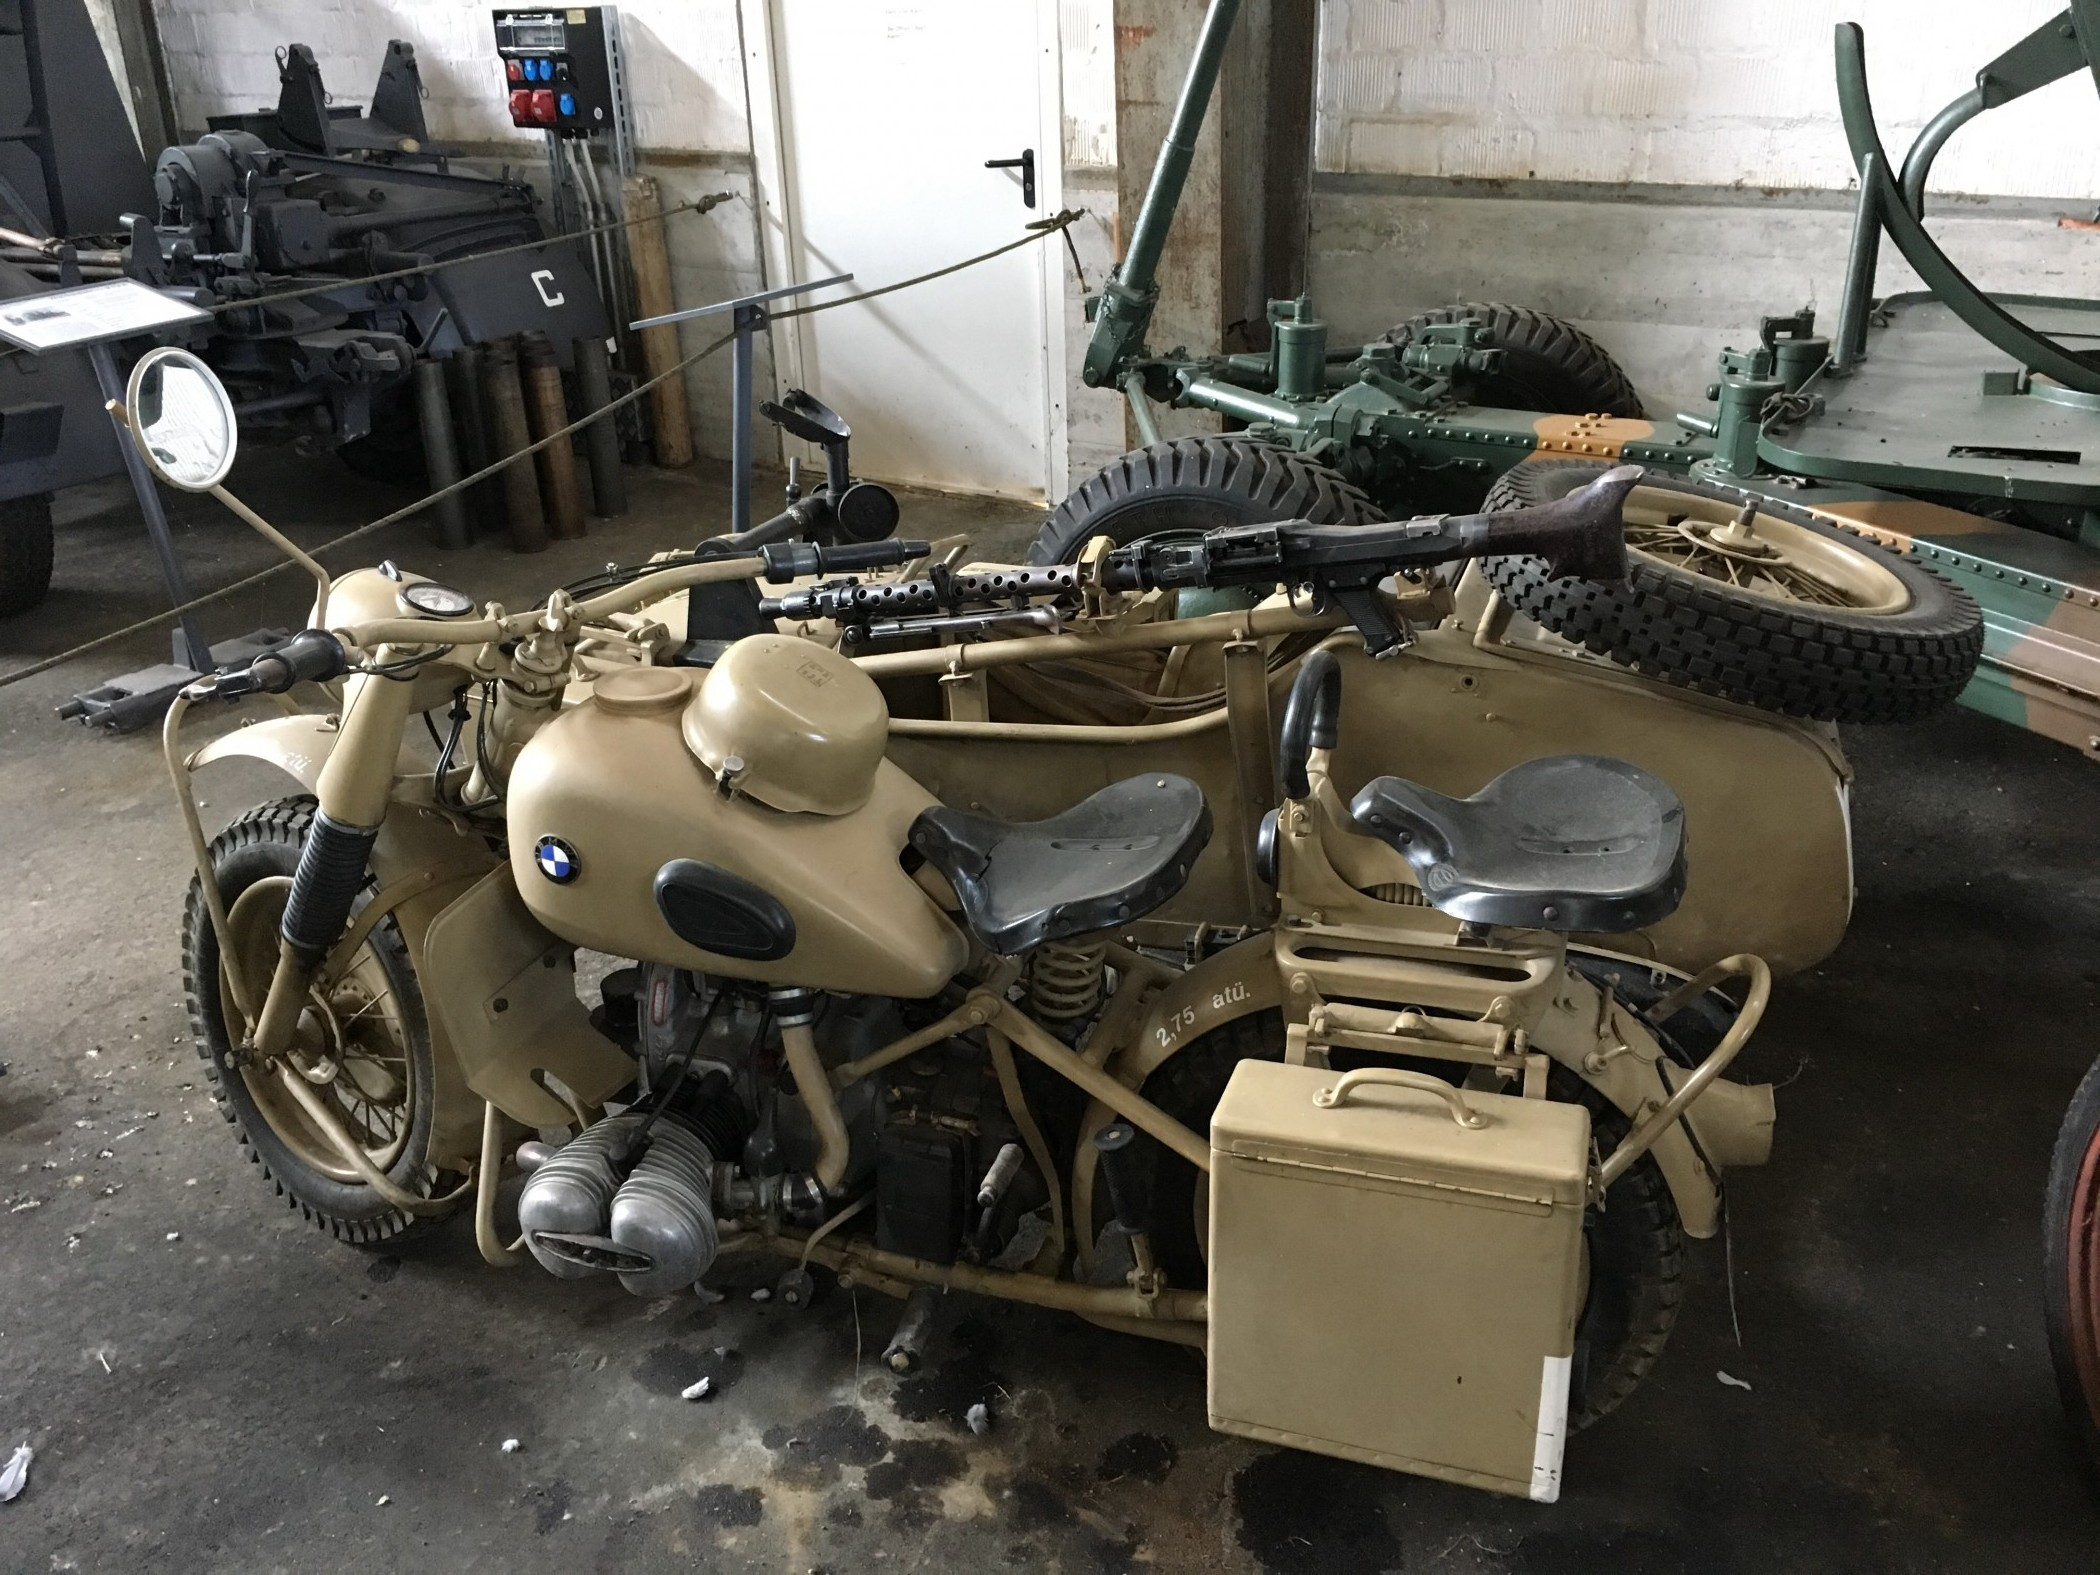 BMW R75, Wehrmachtsgespann